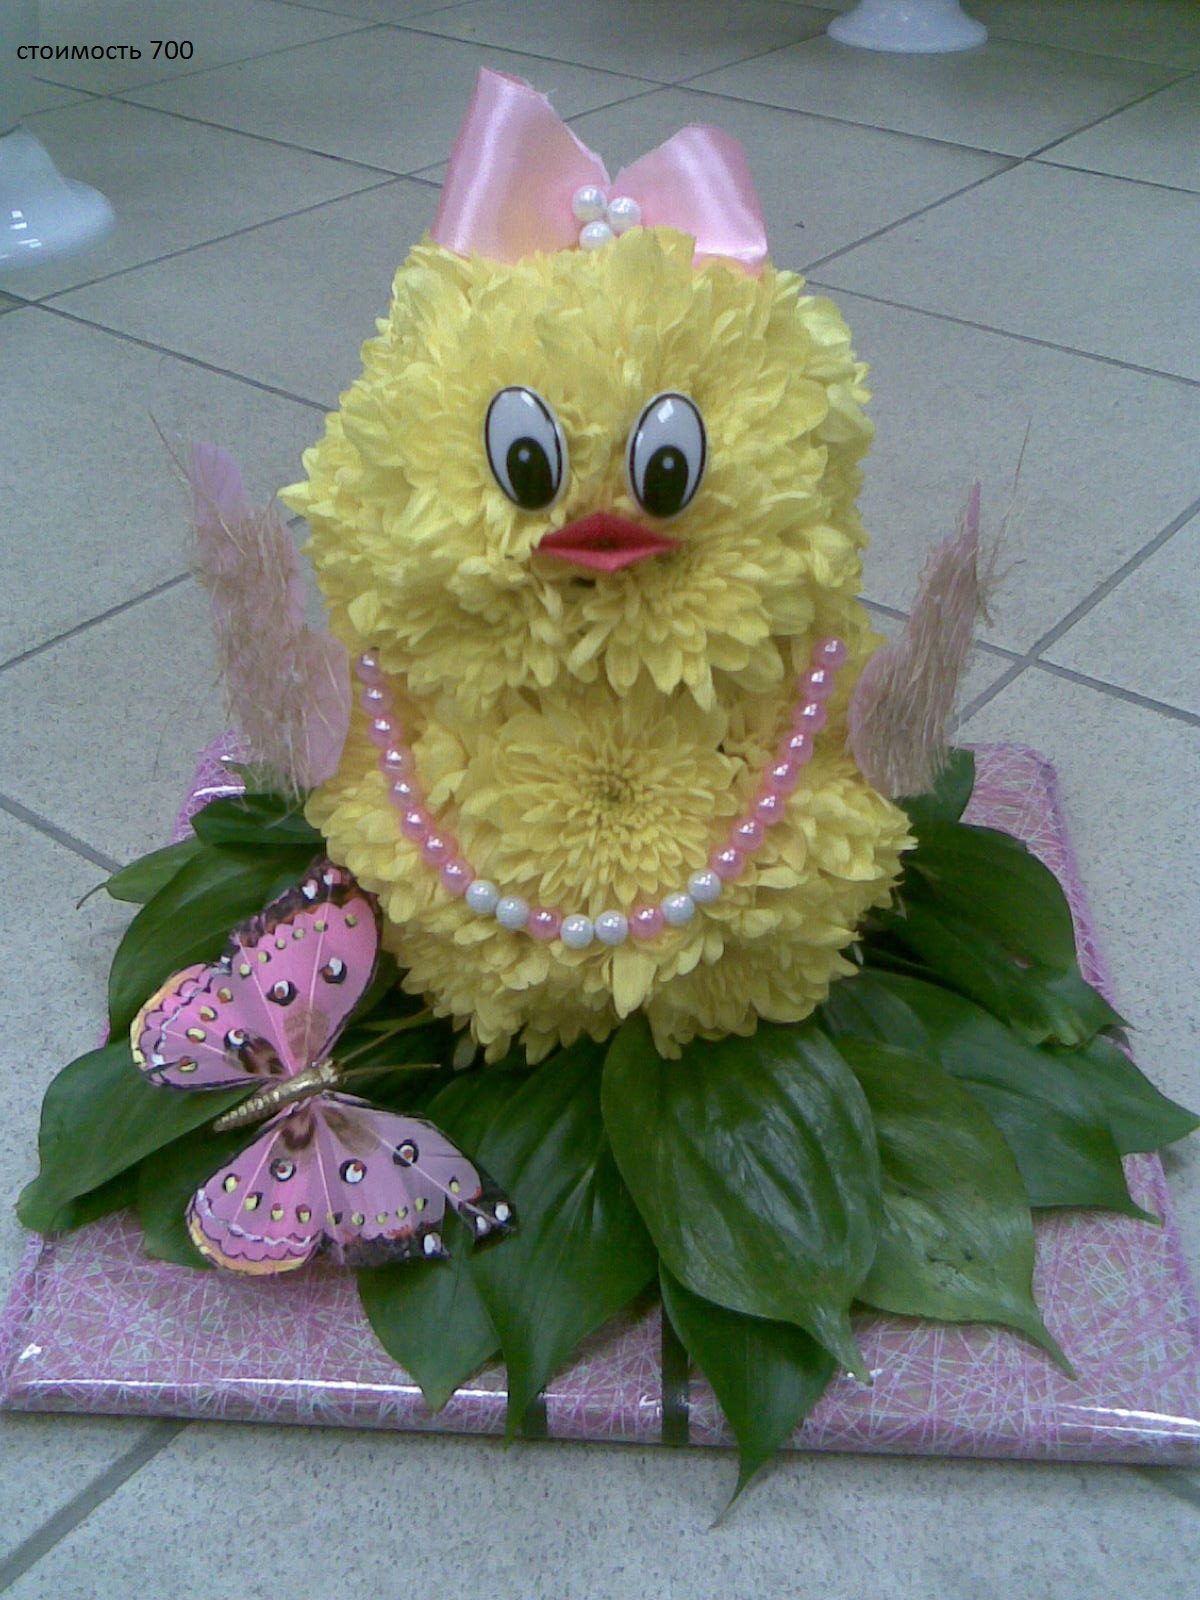 Как сделать цыпленка из живых цветов своими руками 44